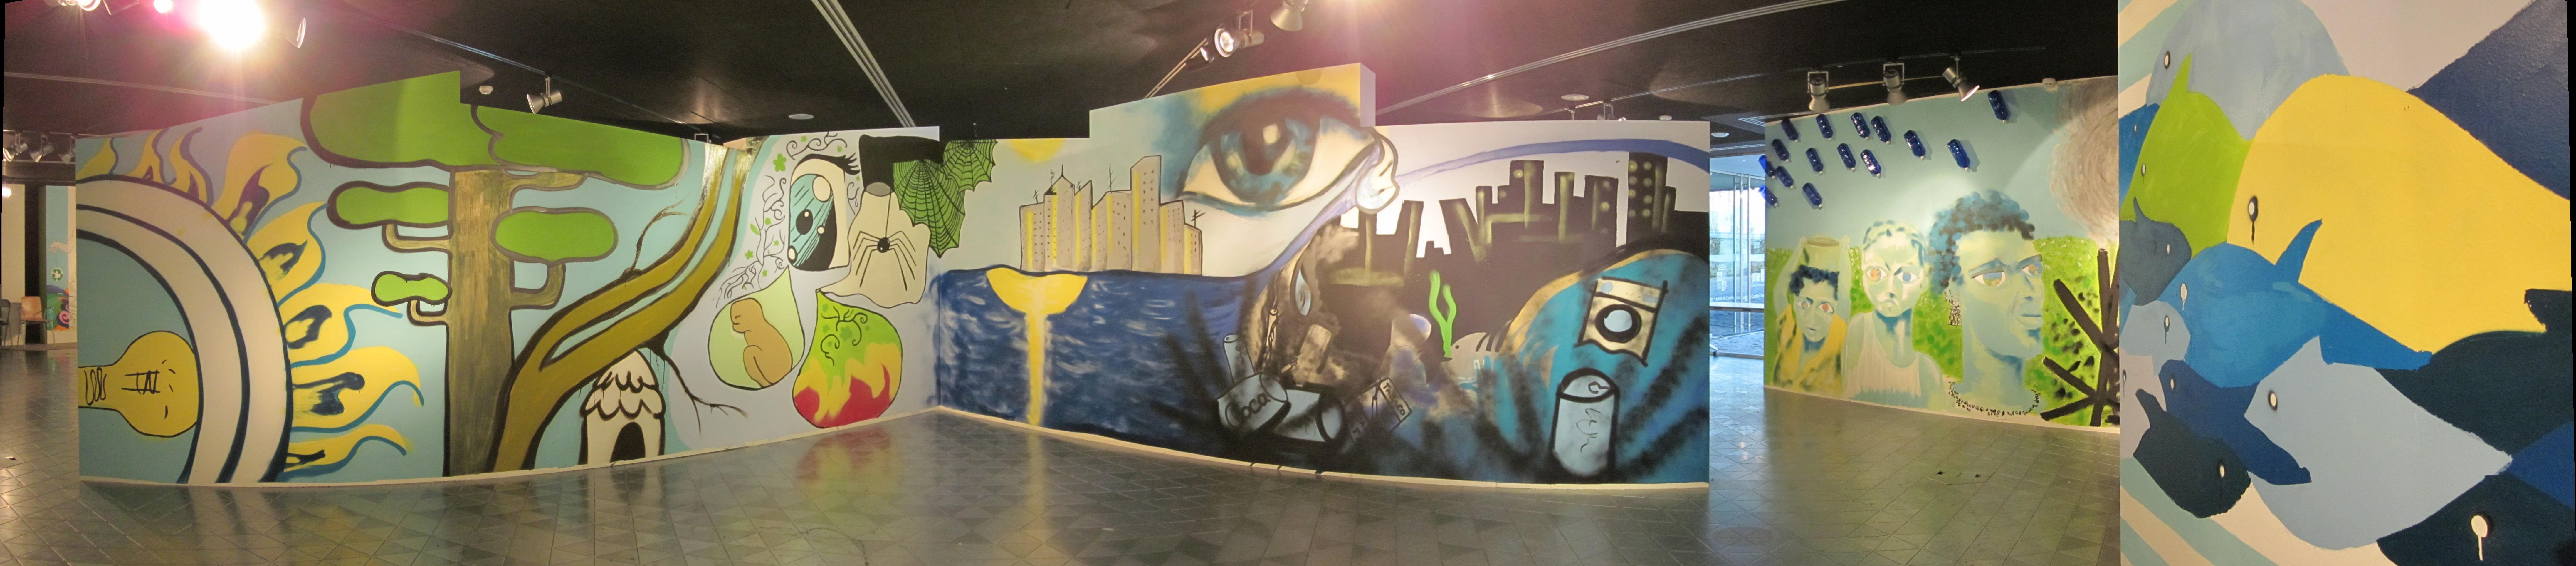 Visión general de la Exposición de Grafittis